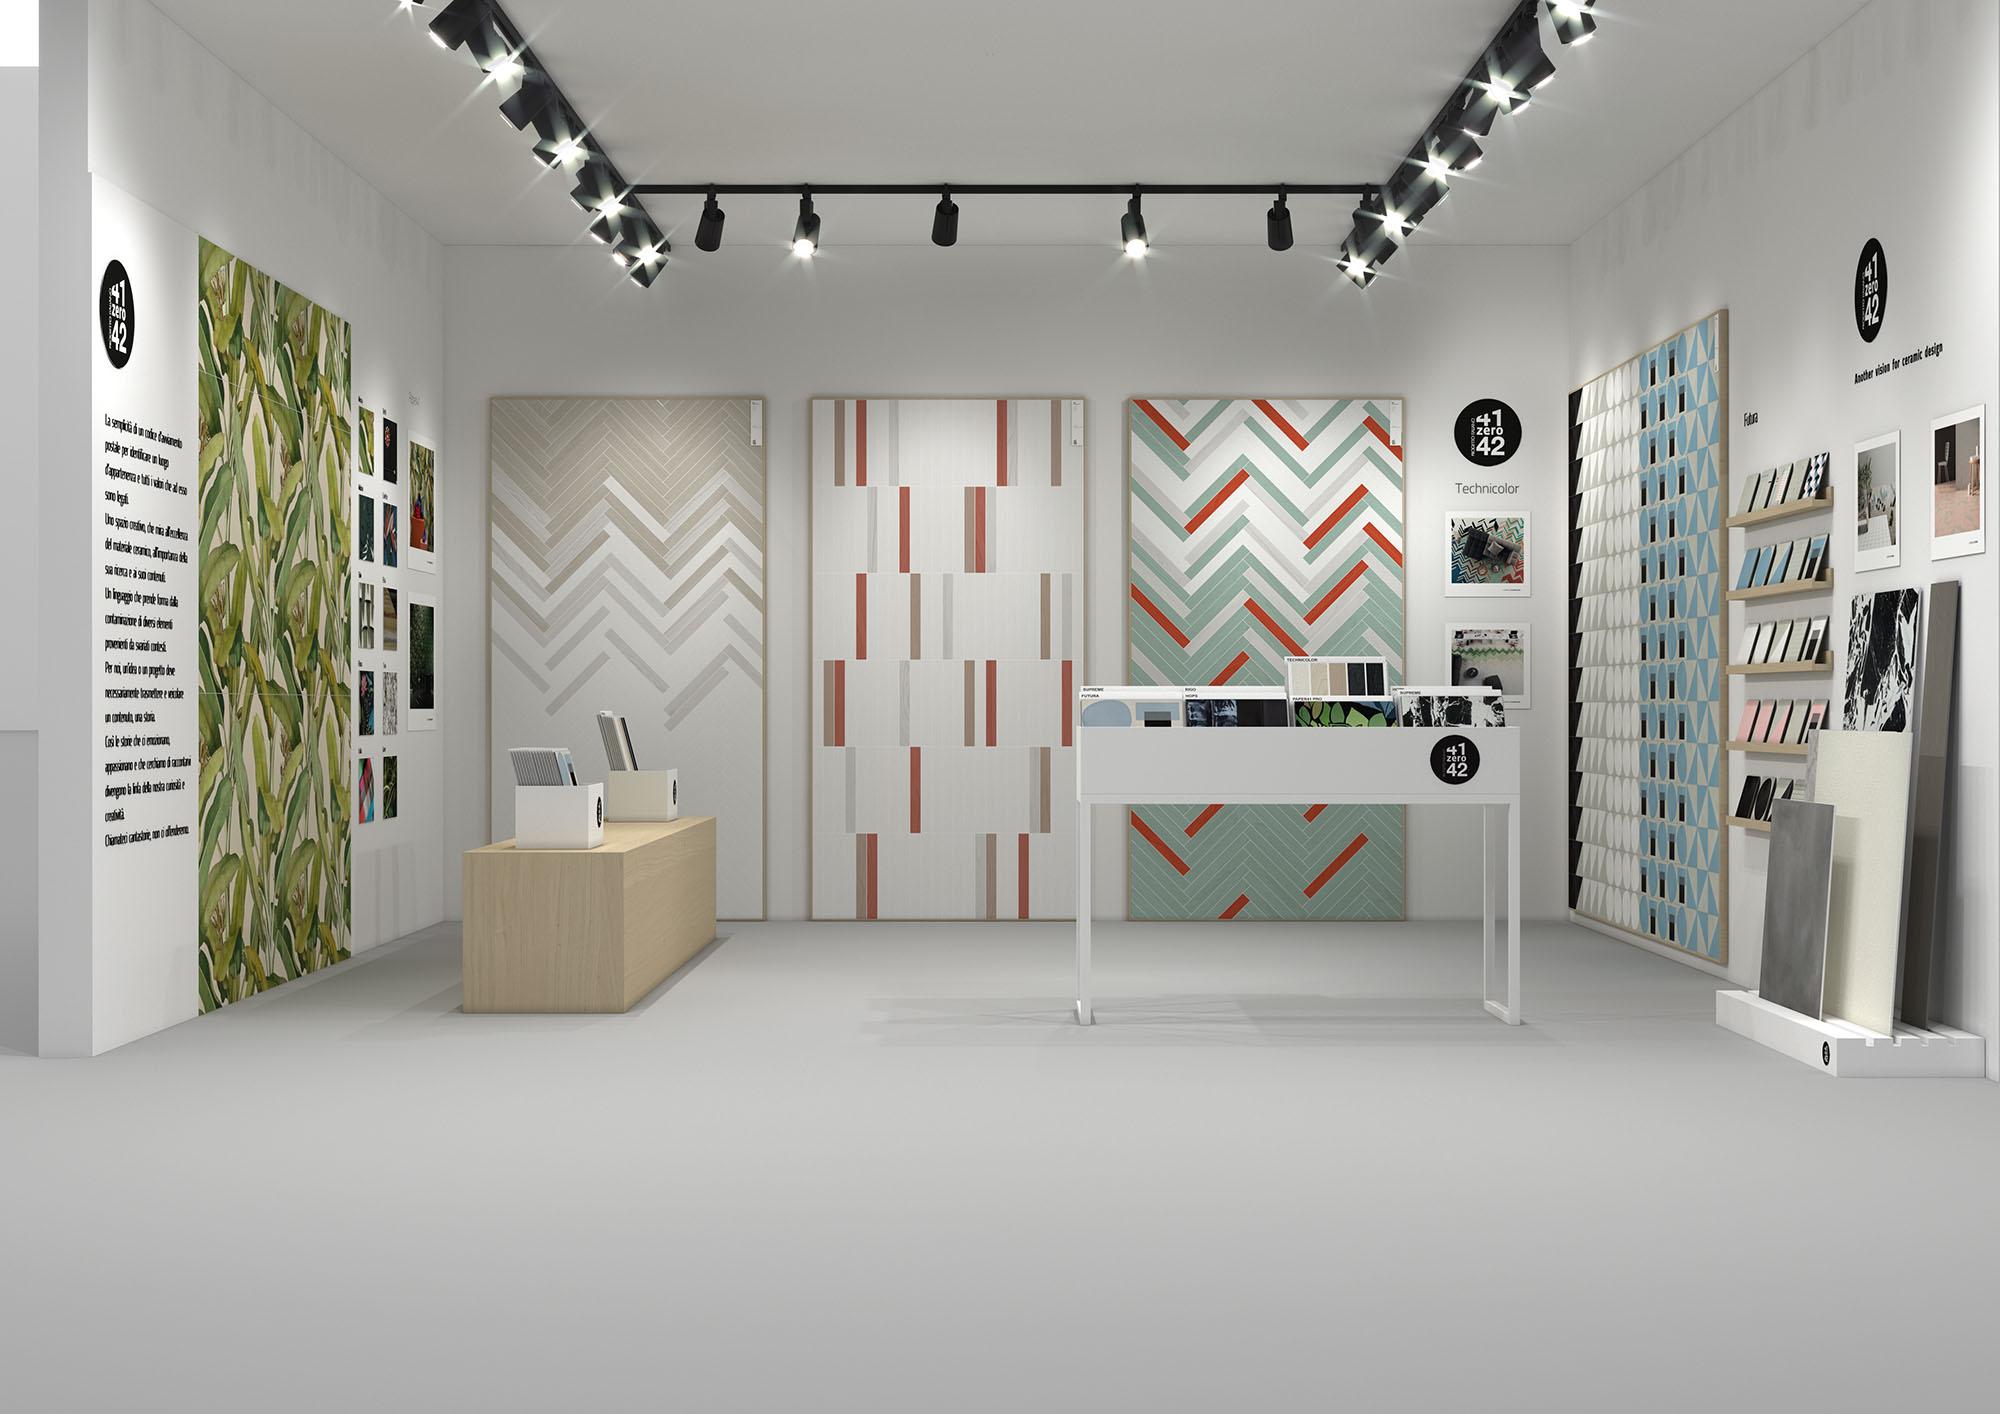 Hipix portfolio categoria merchandising: progetto grafico sala mostra 1 Ceramiche 41zero42 immagine 1